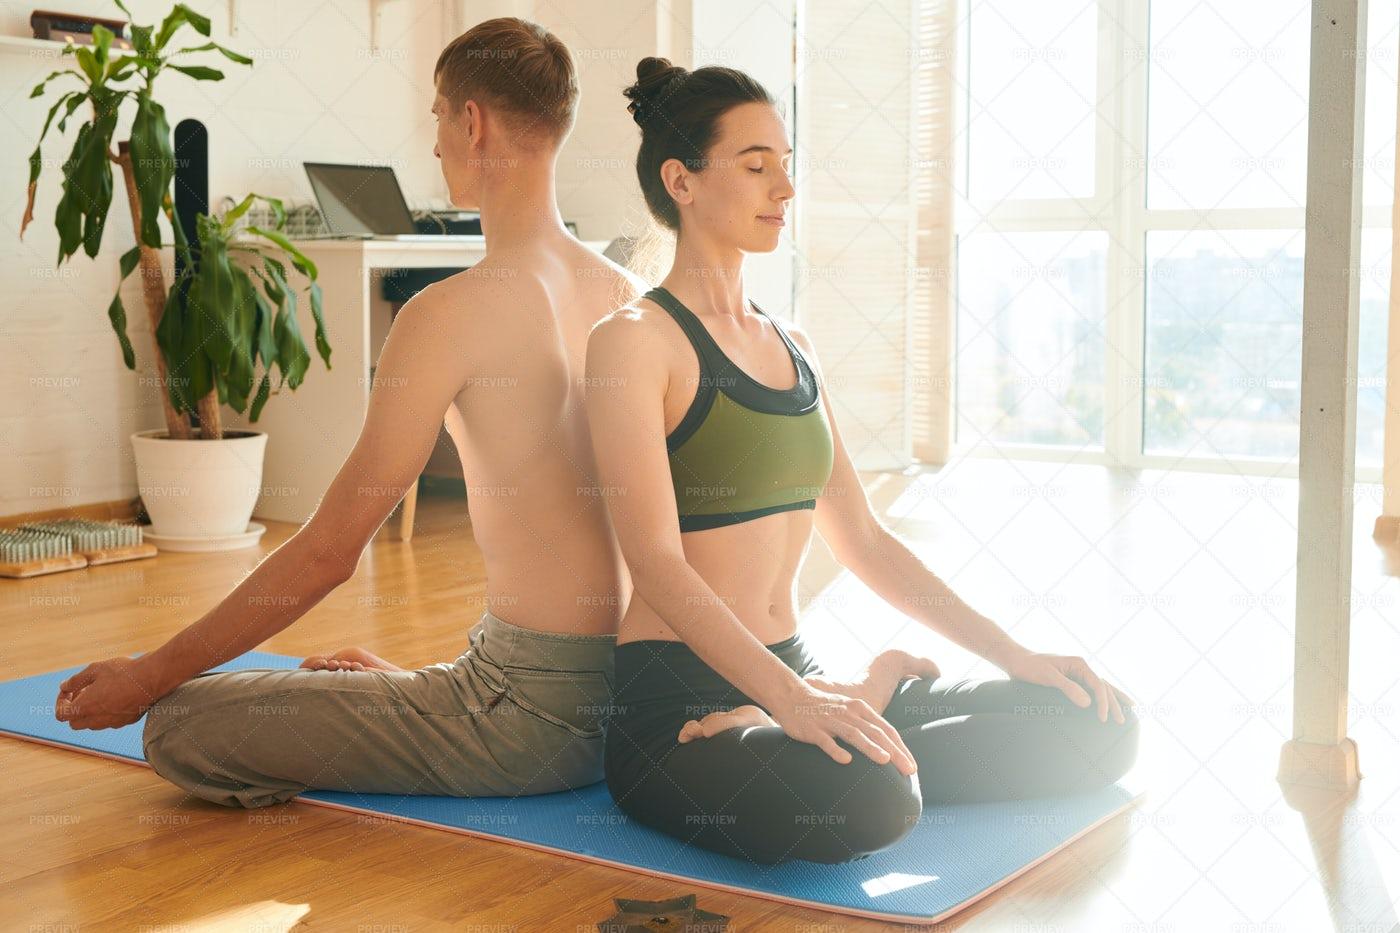 Spiritual Couple Meditating...: Stock Photos